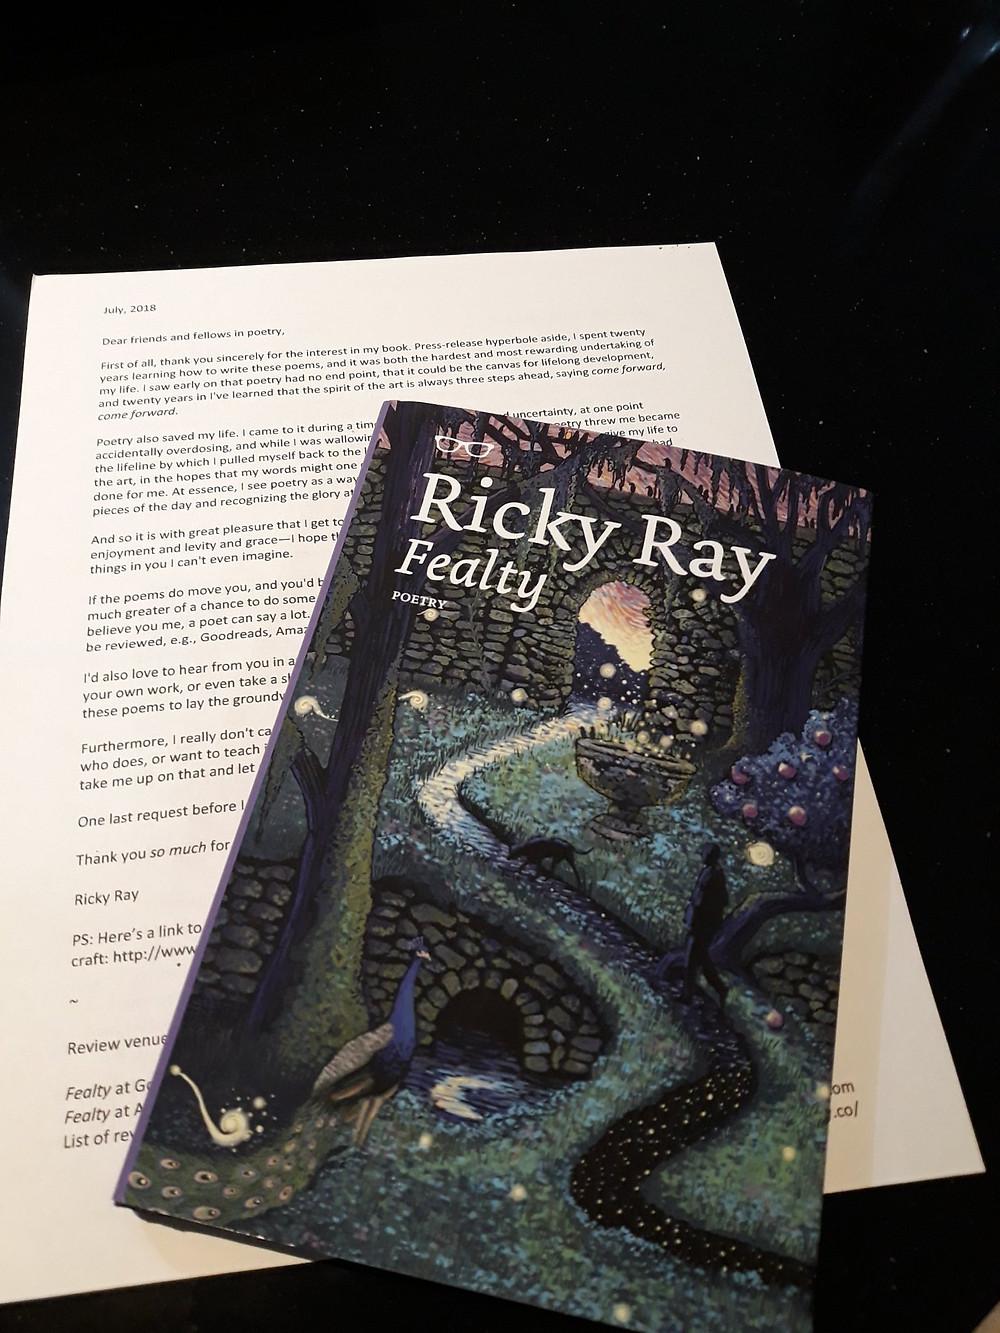 Ricky Ray's Book